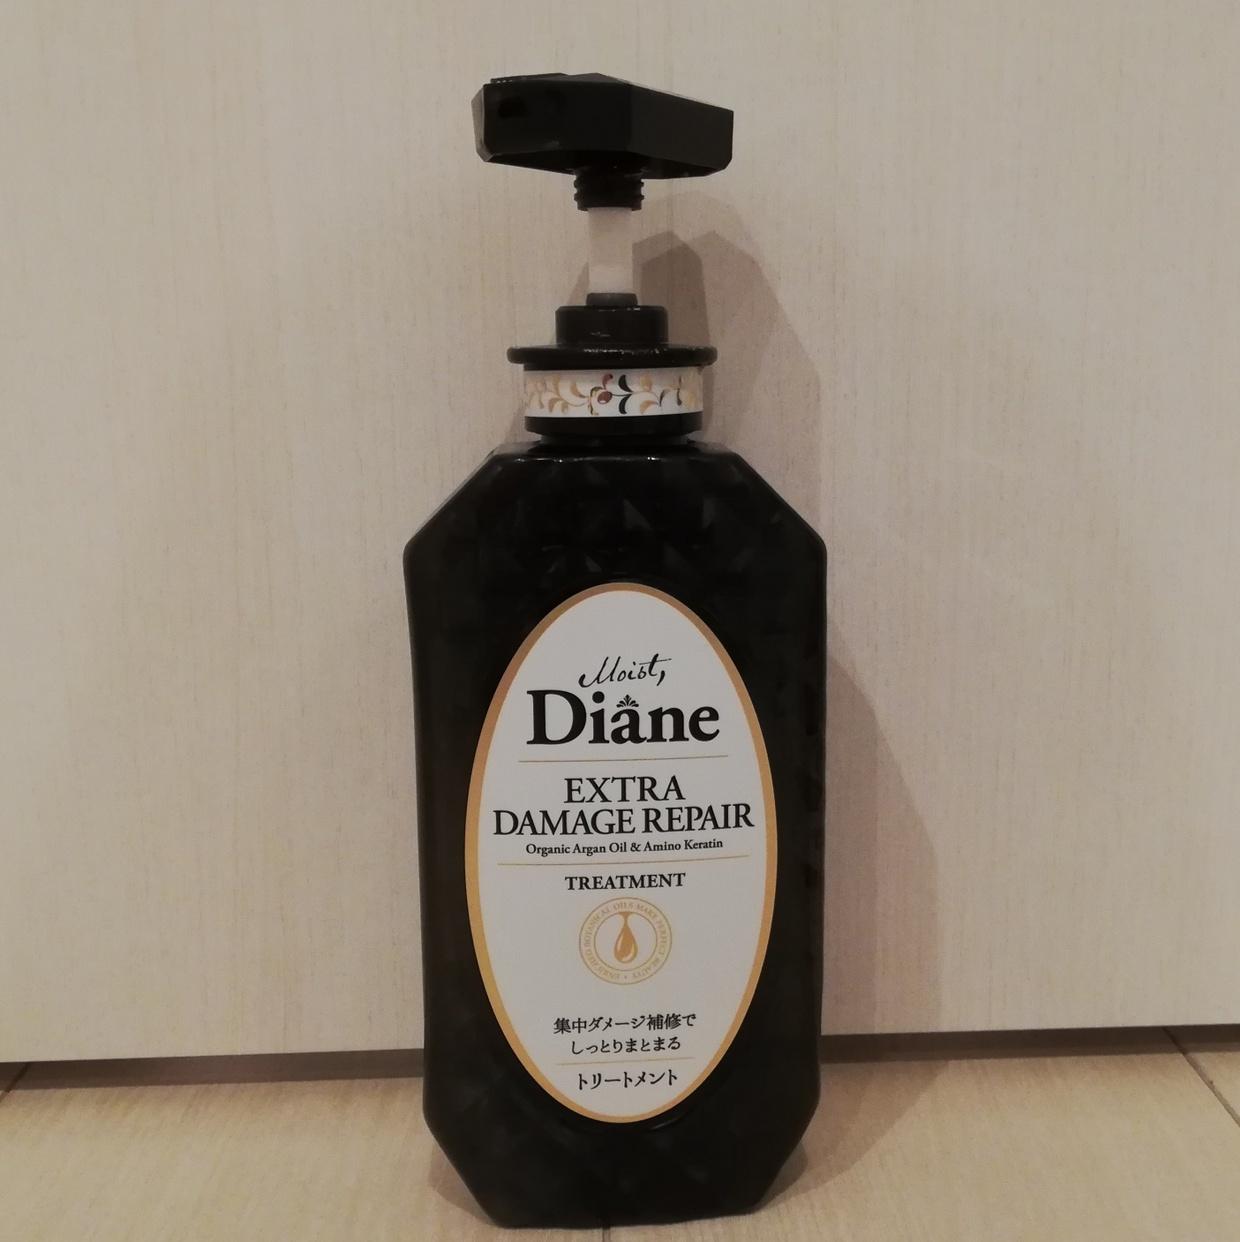 Diane(ダイアン) エクストラダメージリペア トリートメントの良い点・メリットに関するchiさんの口コミ画像1